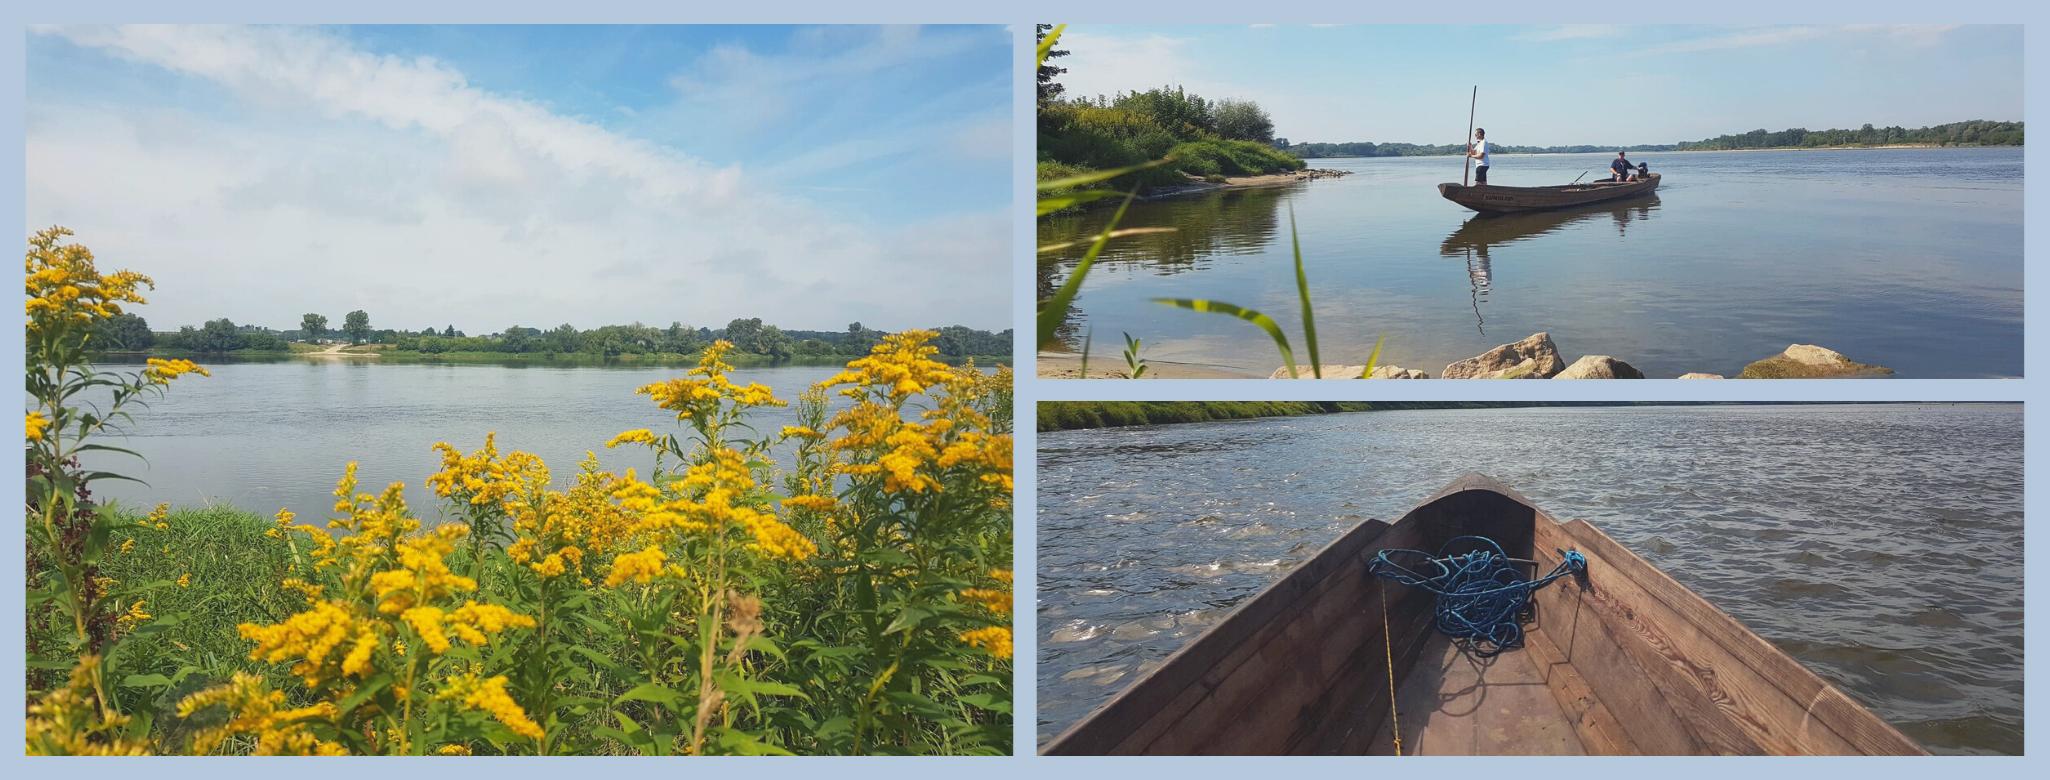 22 i 23 sierpnia pływaliśmy po Wiśle!